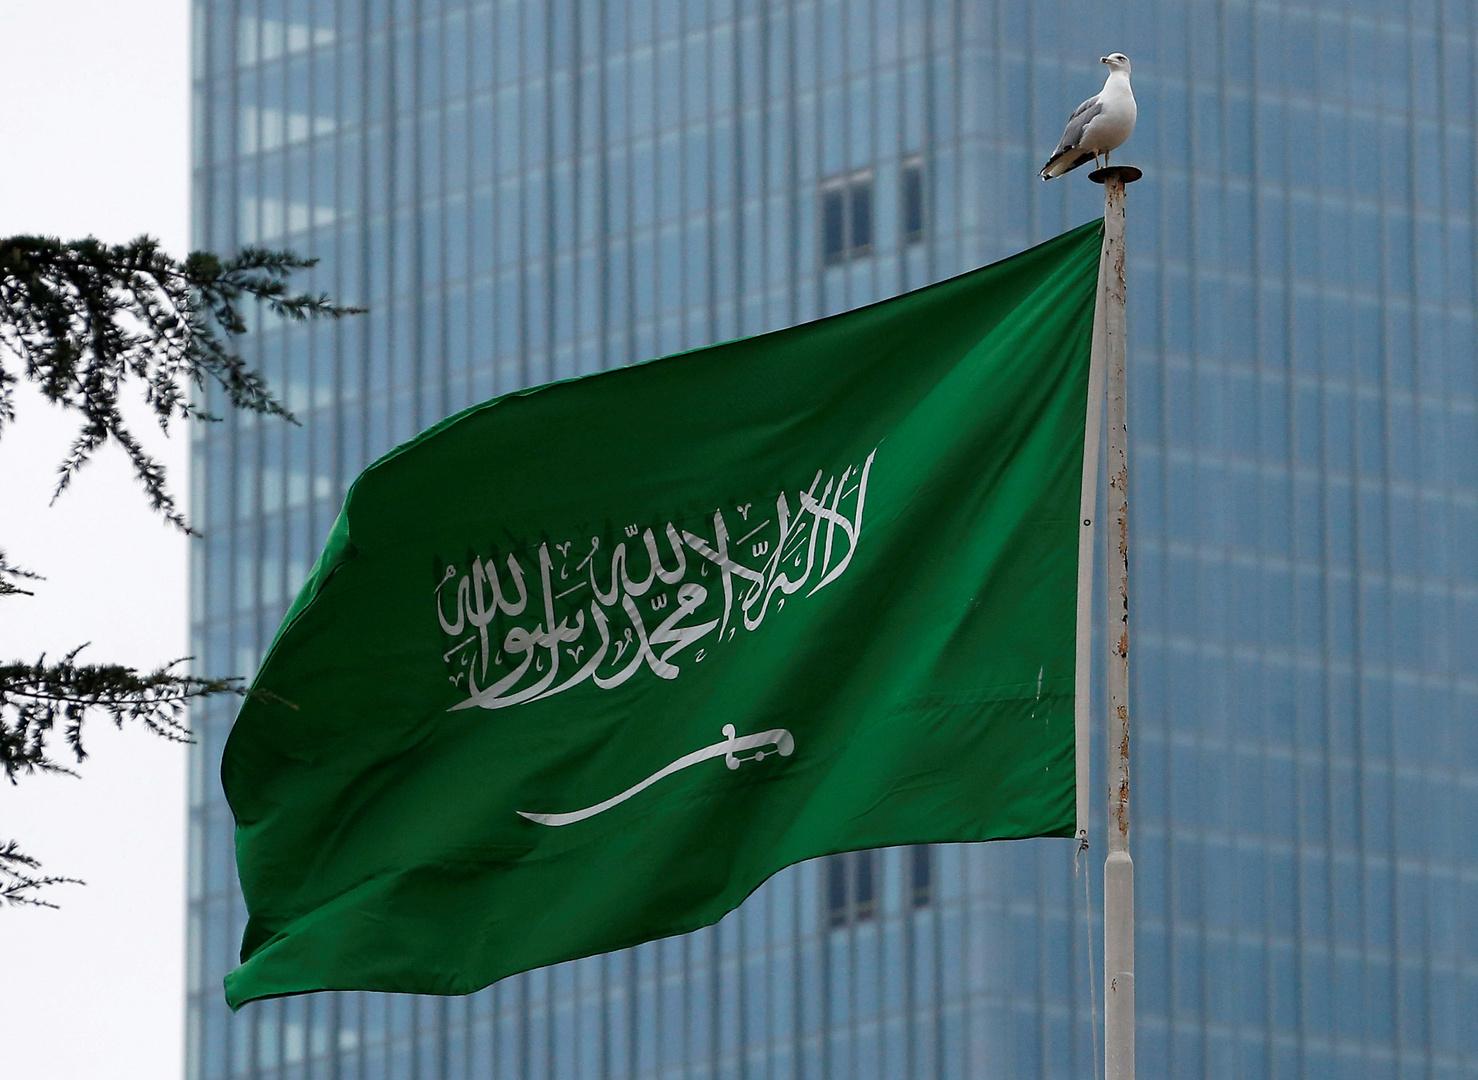 السعودية تحذر كل من يثبت تورطه بالسفر للدول الممنوع السفر إليها بعقوبات منها منع السفر لـ3 سنوات